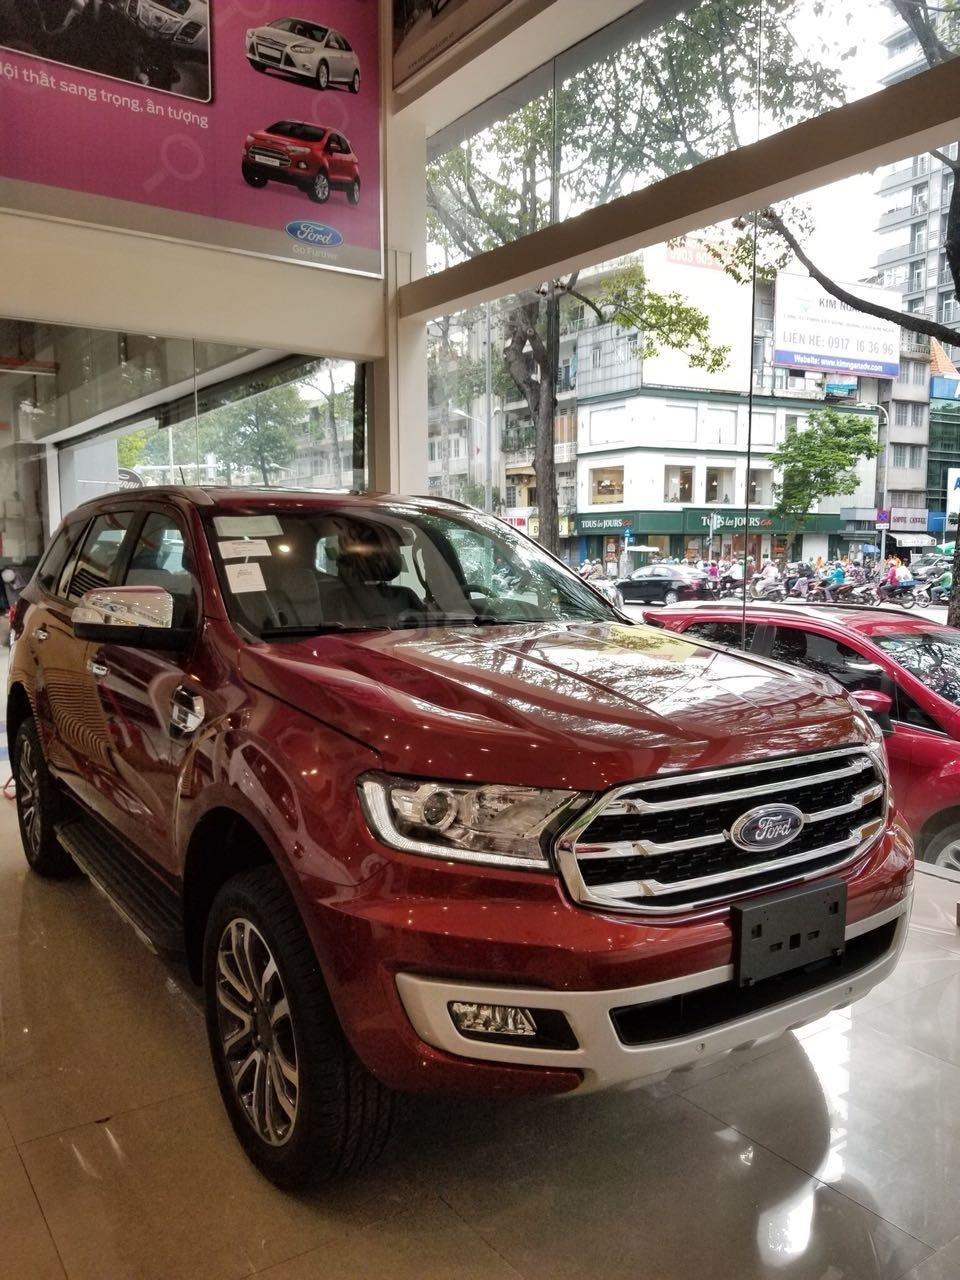 Ford Everest Ambiente và Titanium 2019, màu đỏ, nhập khẩu, giá nát để lấy doanh số, tặng kèm phụ kiện và hỗ trợ lệ phí-8